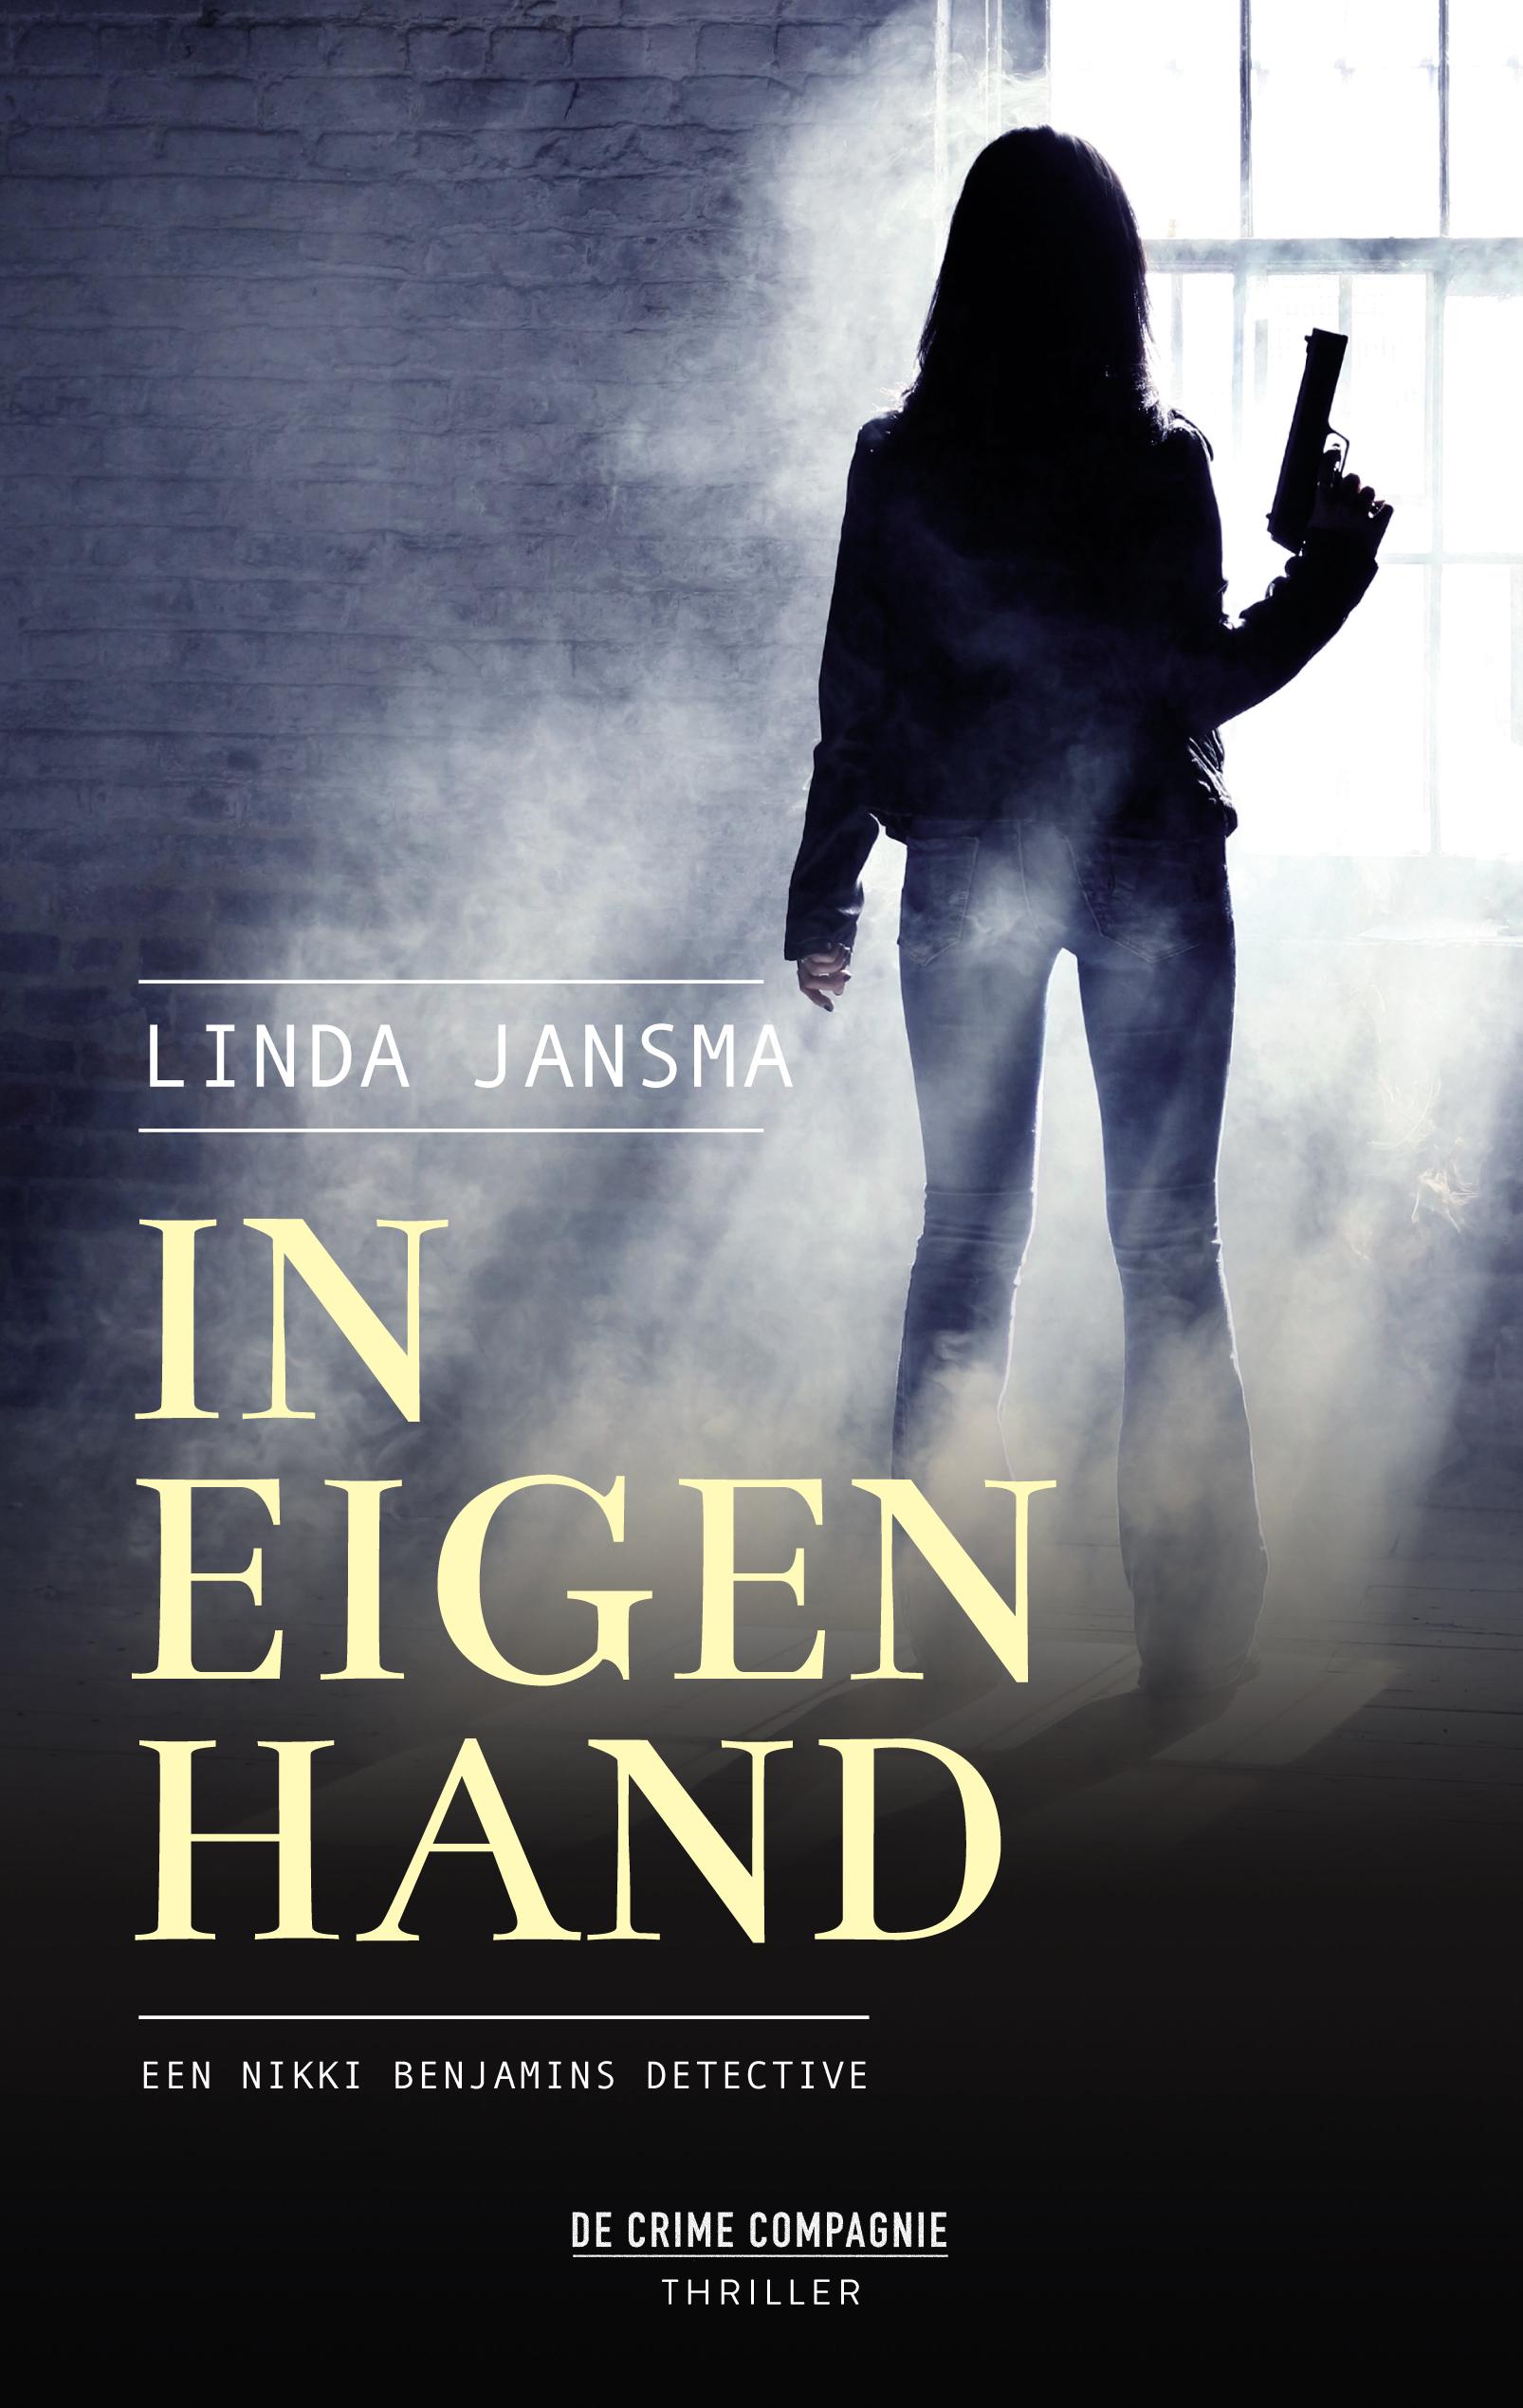 In eigen hand - boekenflits.nl